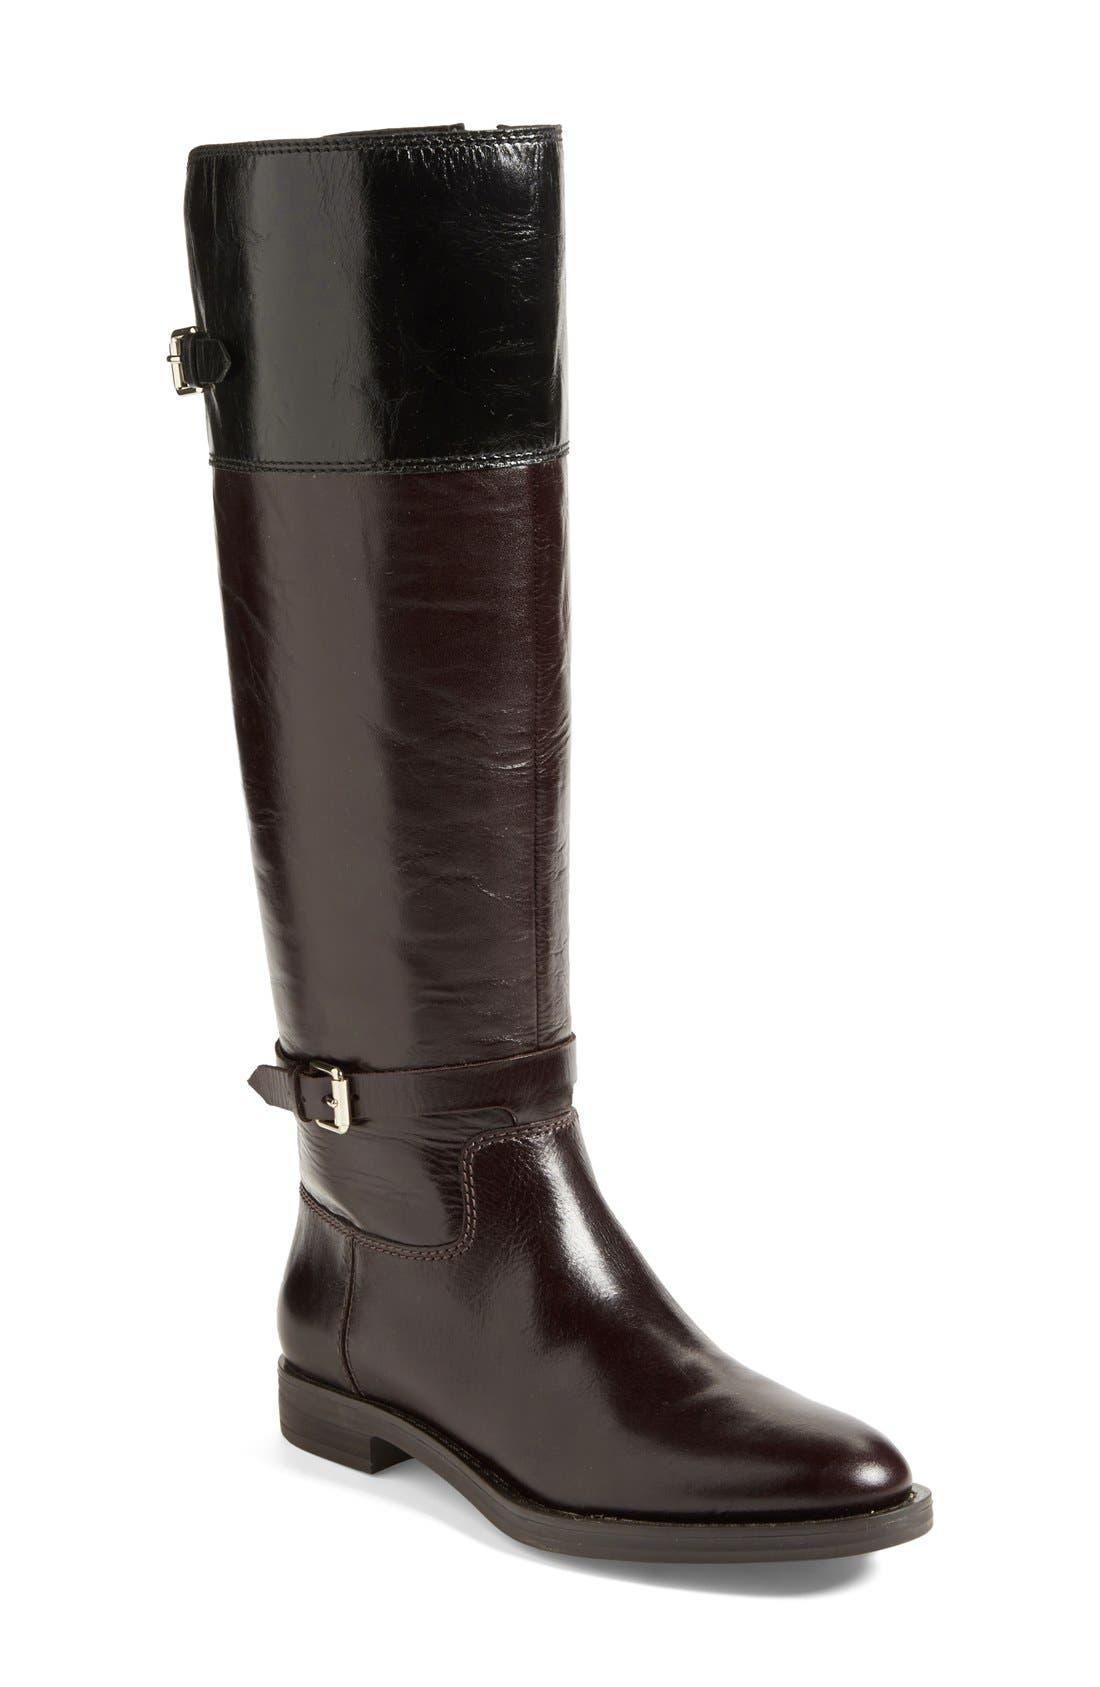 Alternate Image 1 Selected - Enzo Angiolini 'Eero' Leather Boot (Women)